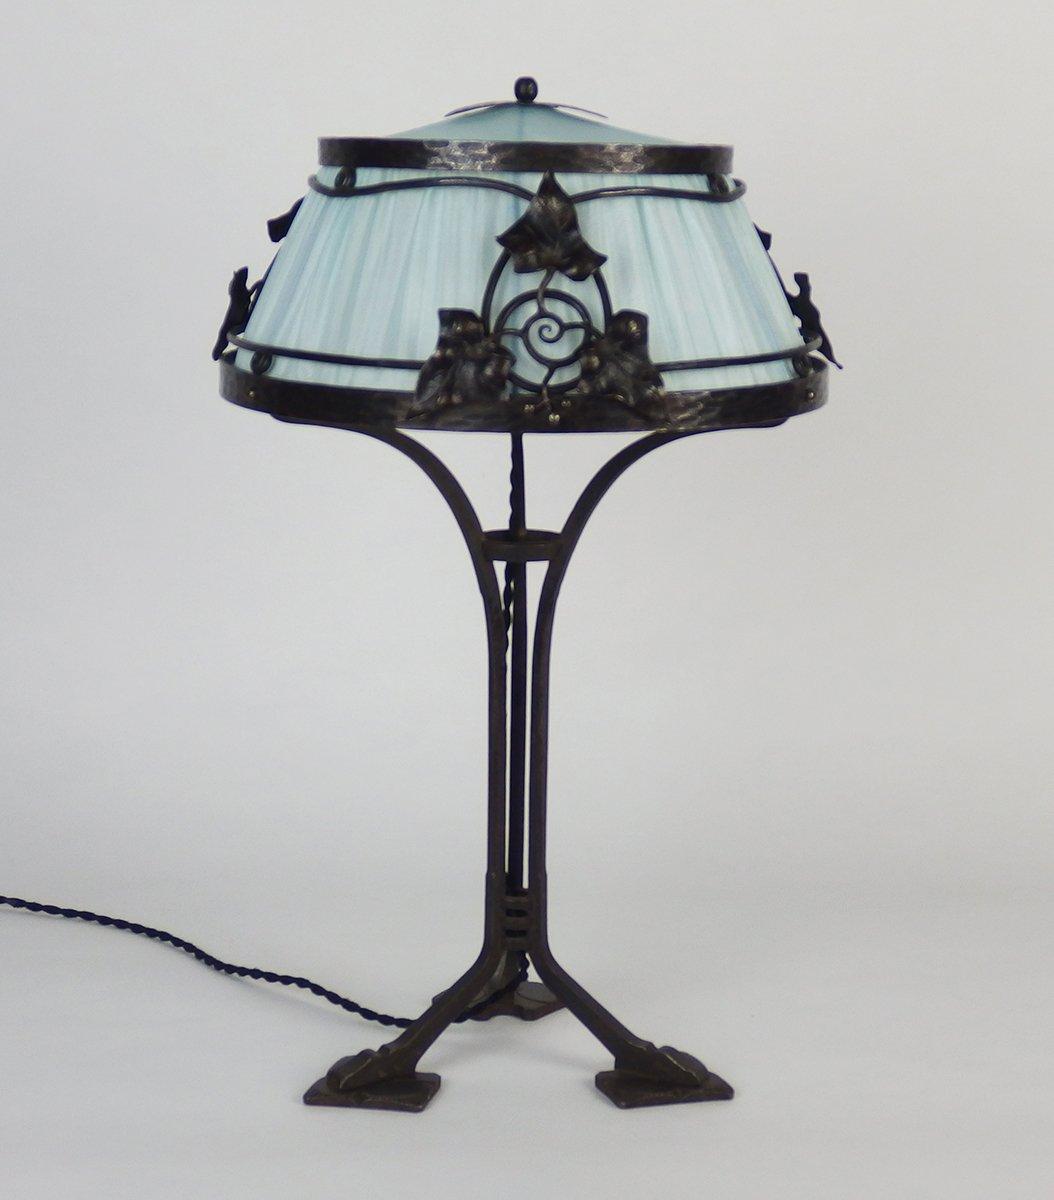 Lampe De Bureau En Fer Forg France 1910s En Vente Sur Pamono # Meuble Bureauen Fer